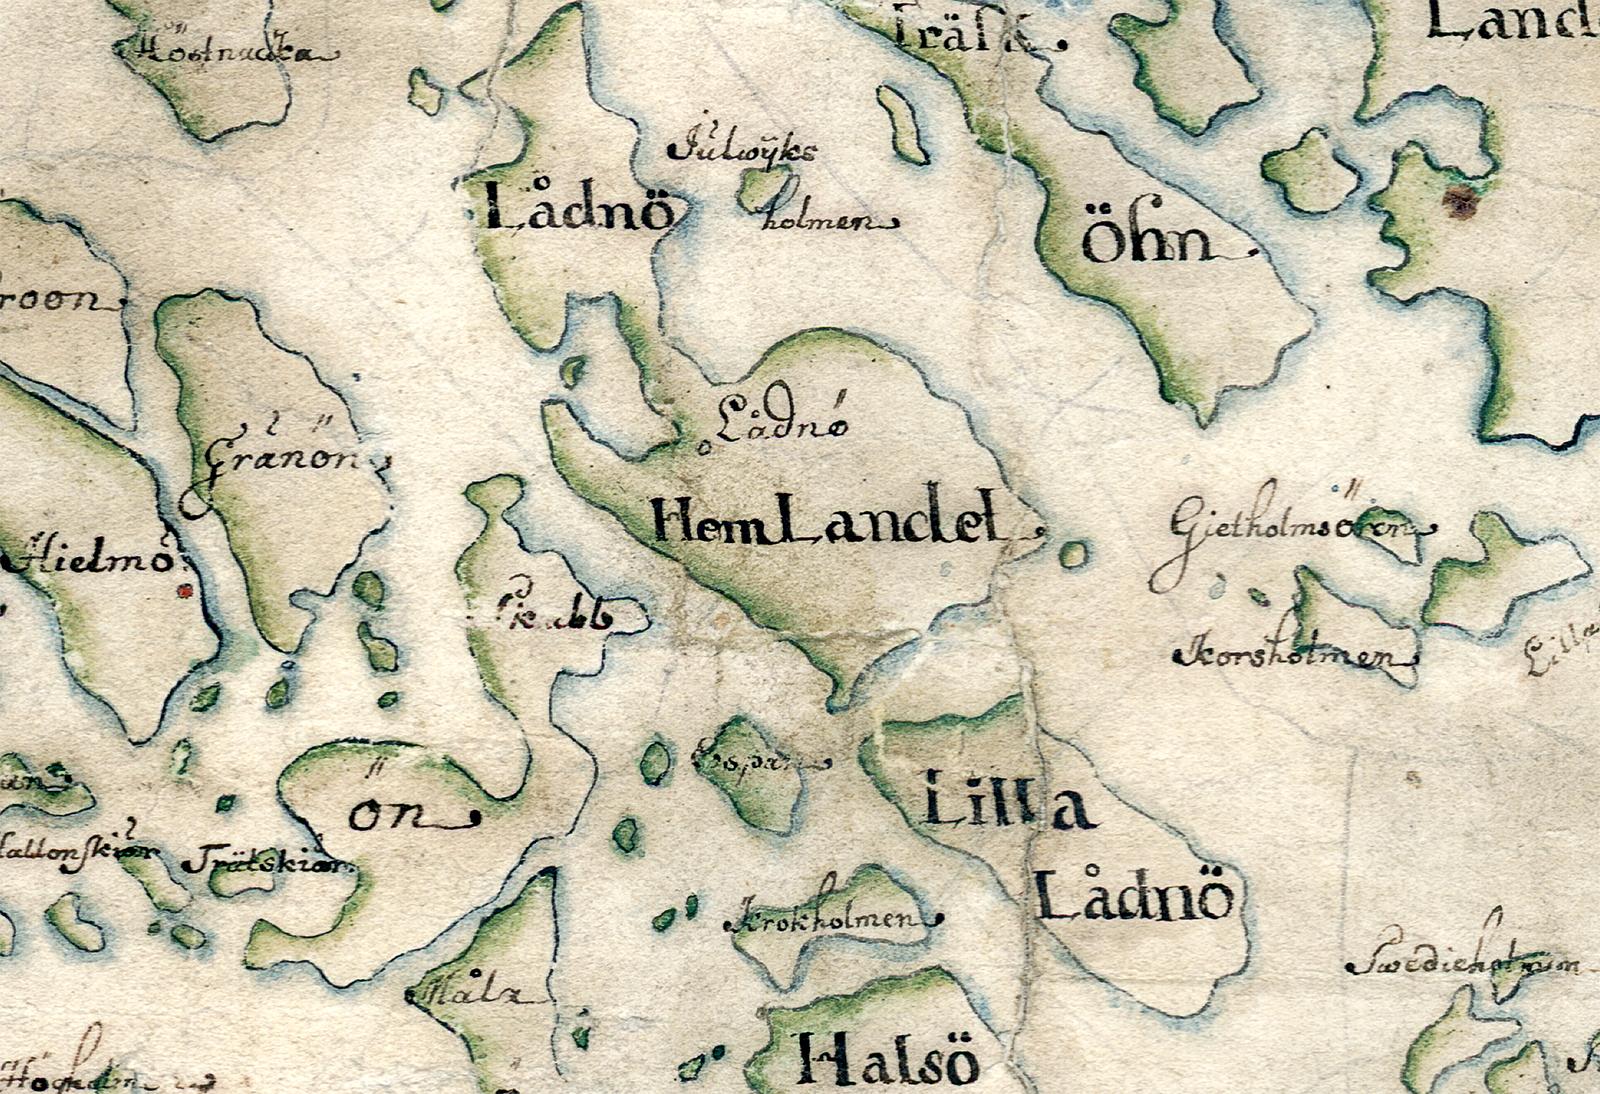 Lådna och grannöar på Carl Gripenhielms skärgårdskarta från 1690-talet. Väderstrecken är förvridna.